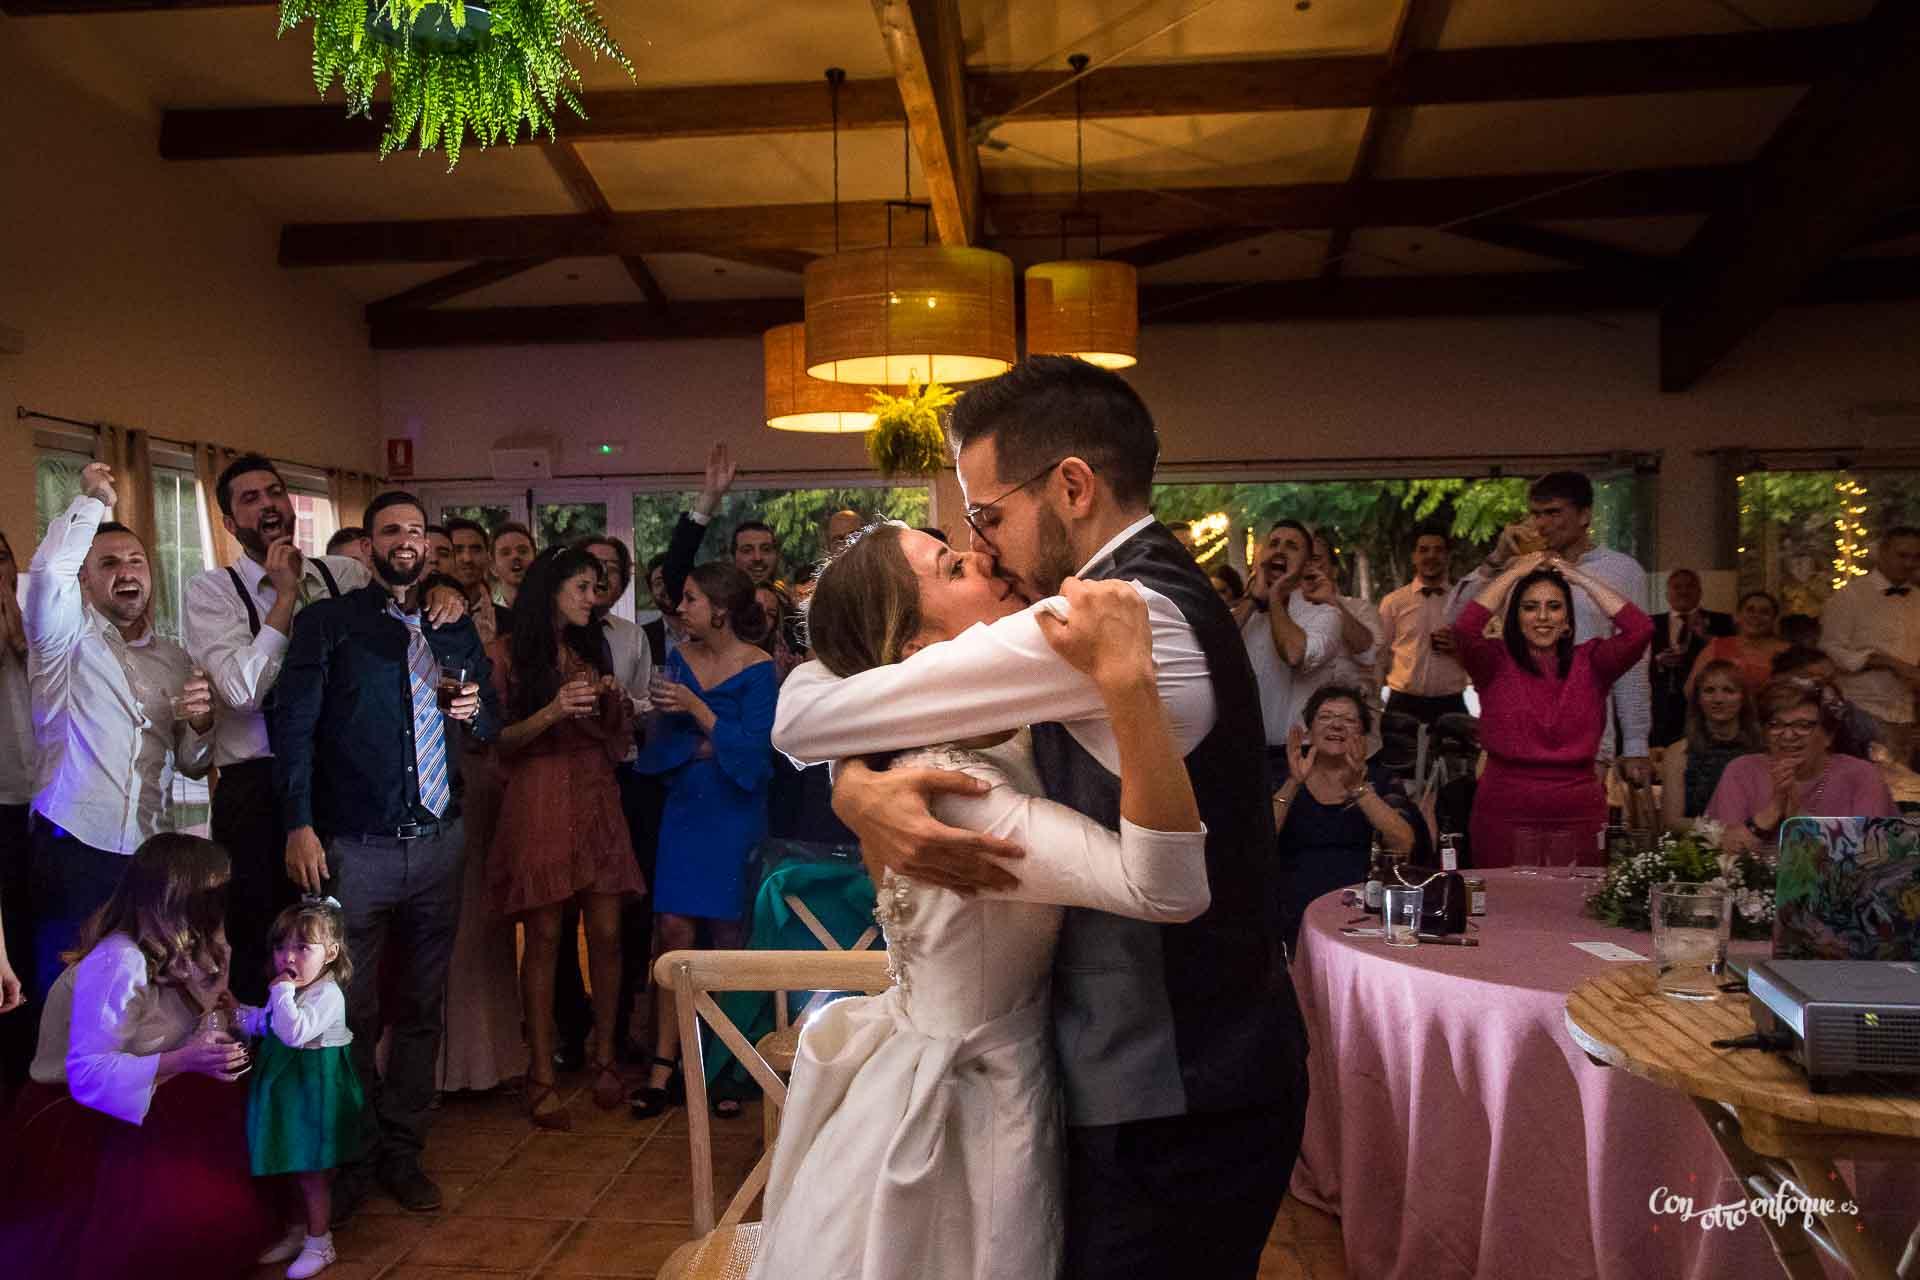 beso pareja celebra boda